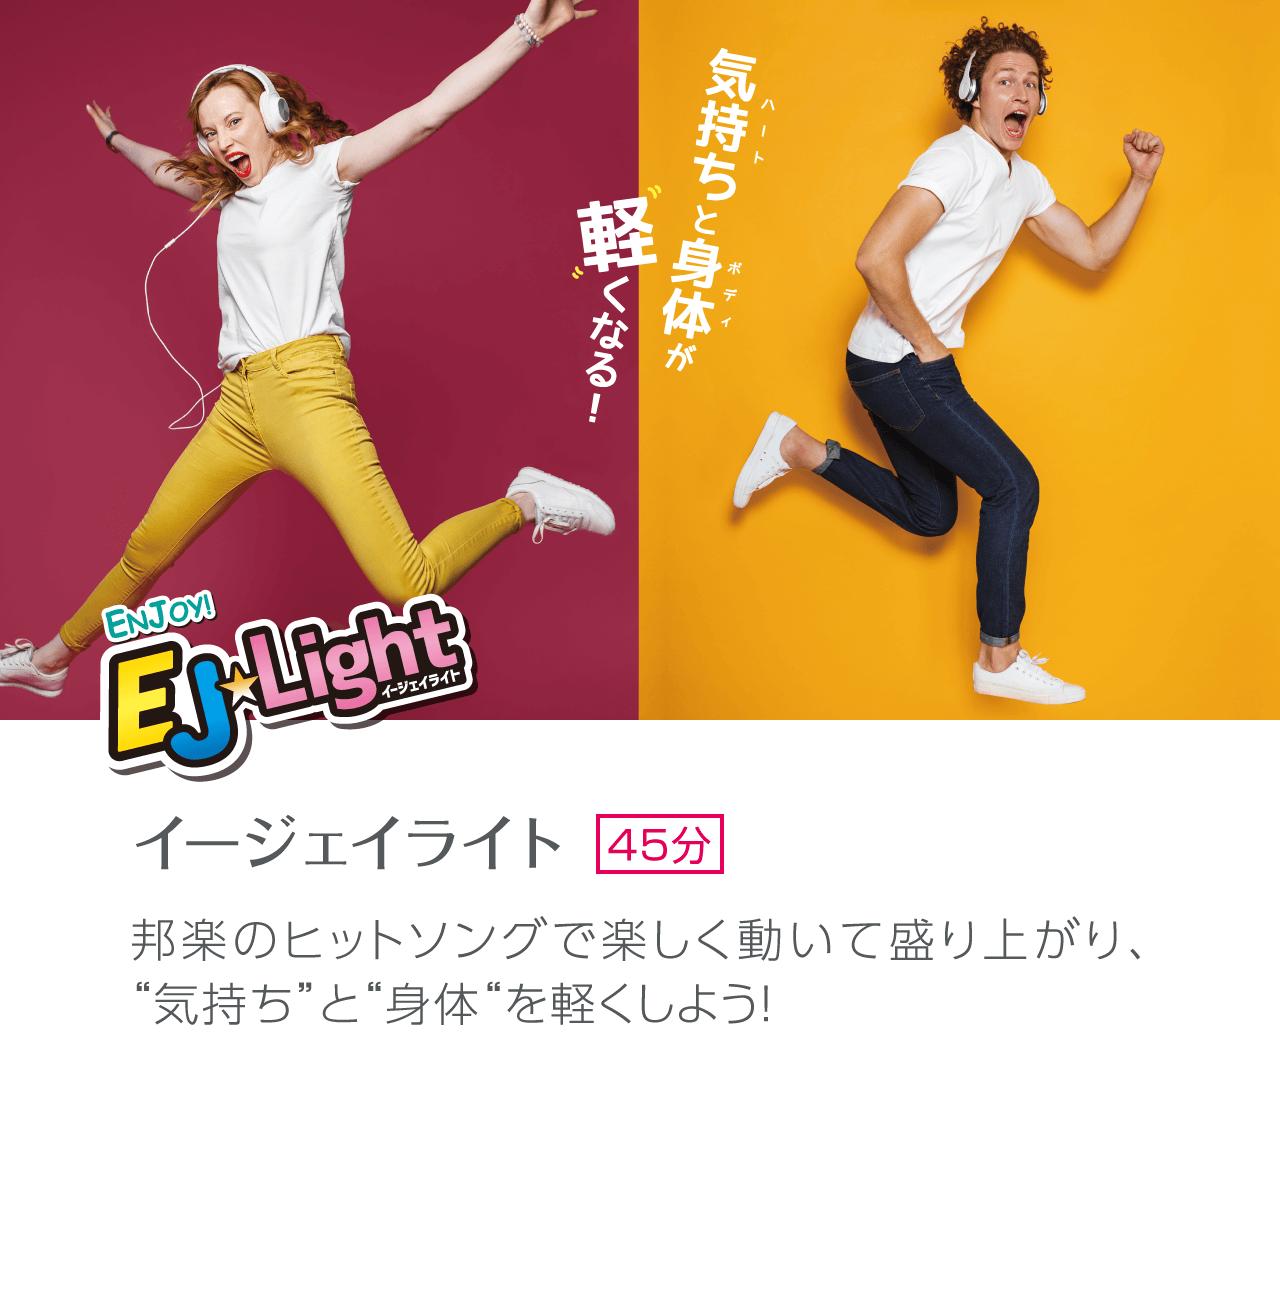 小平 ホリデイ スポーツ クラブ